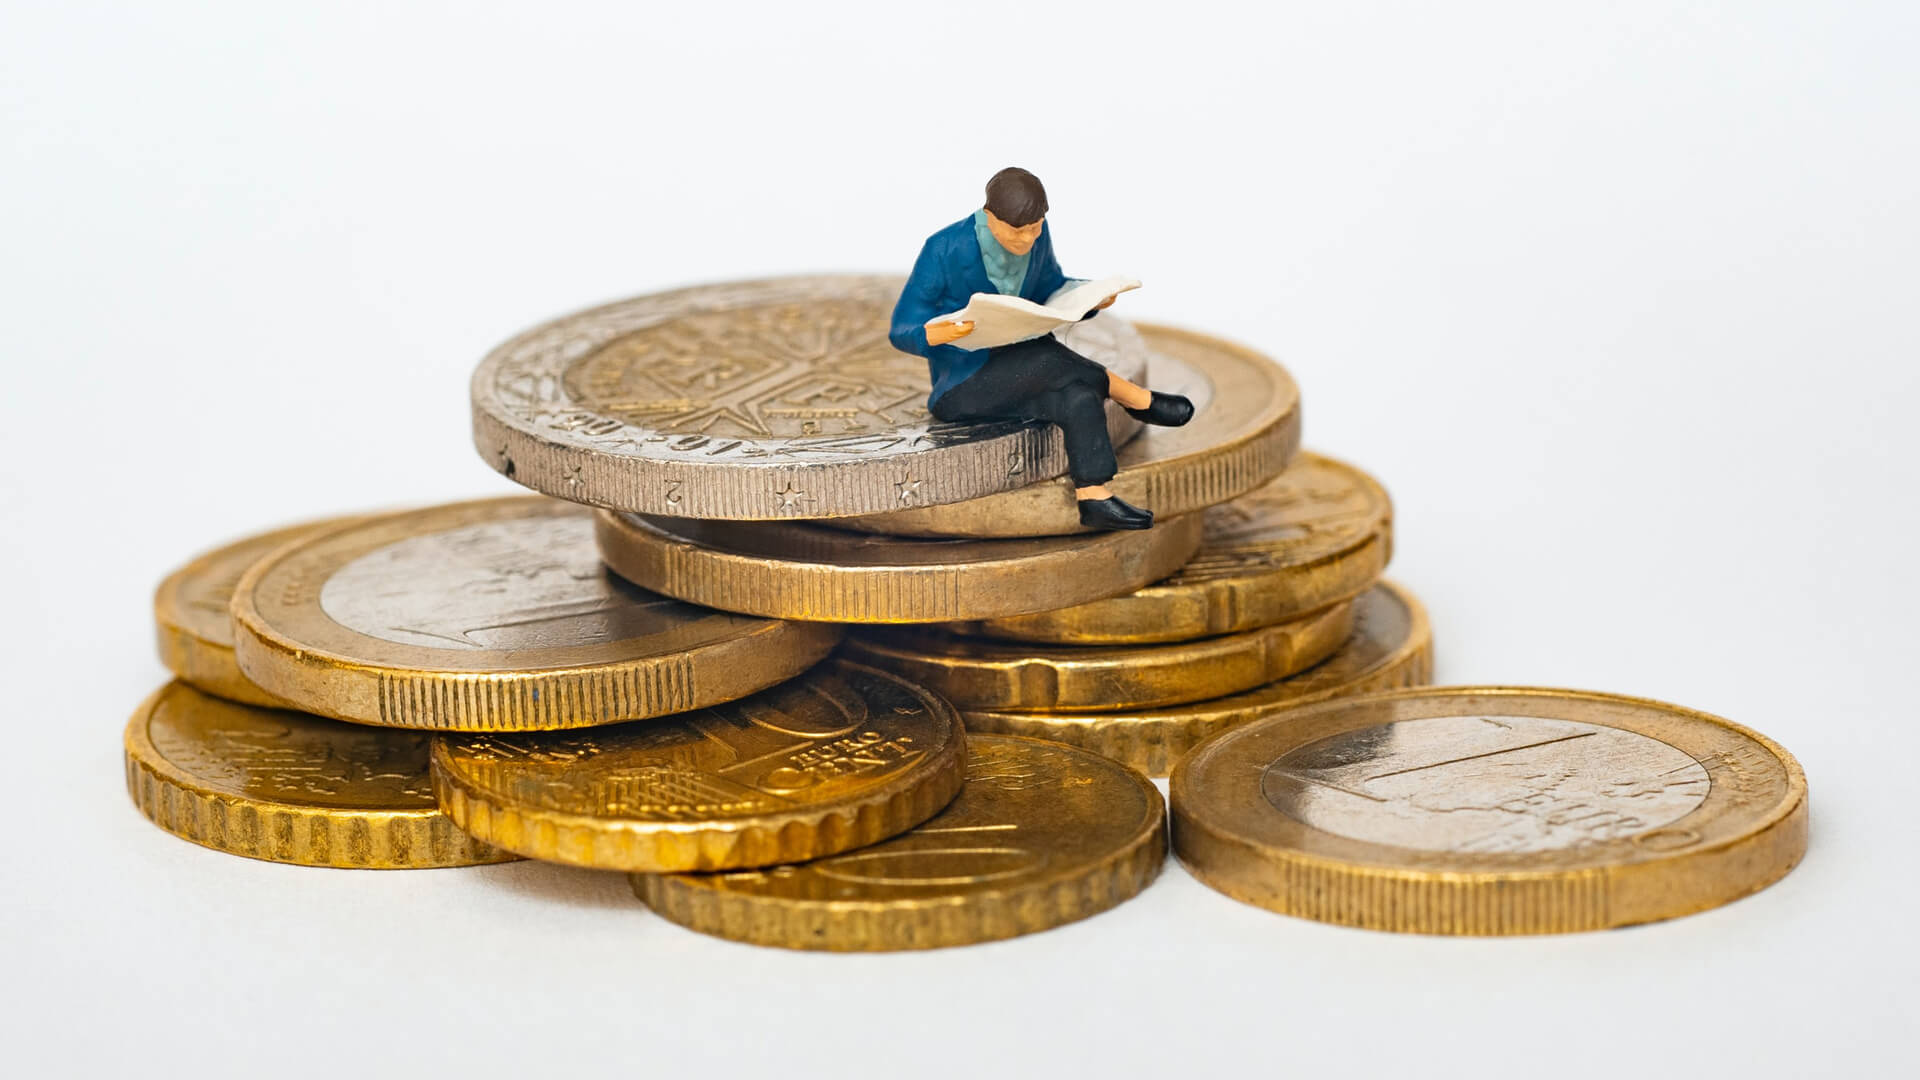 boneco sentado em moedas